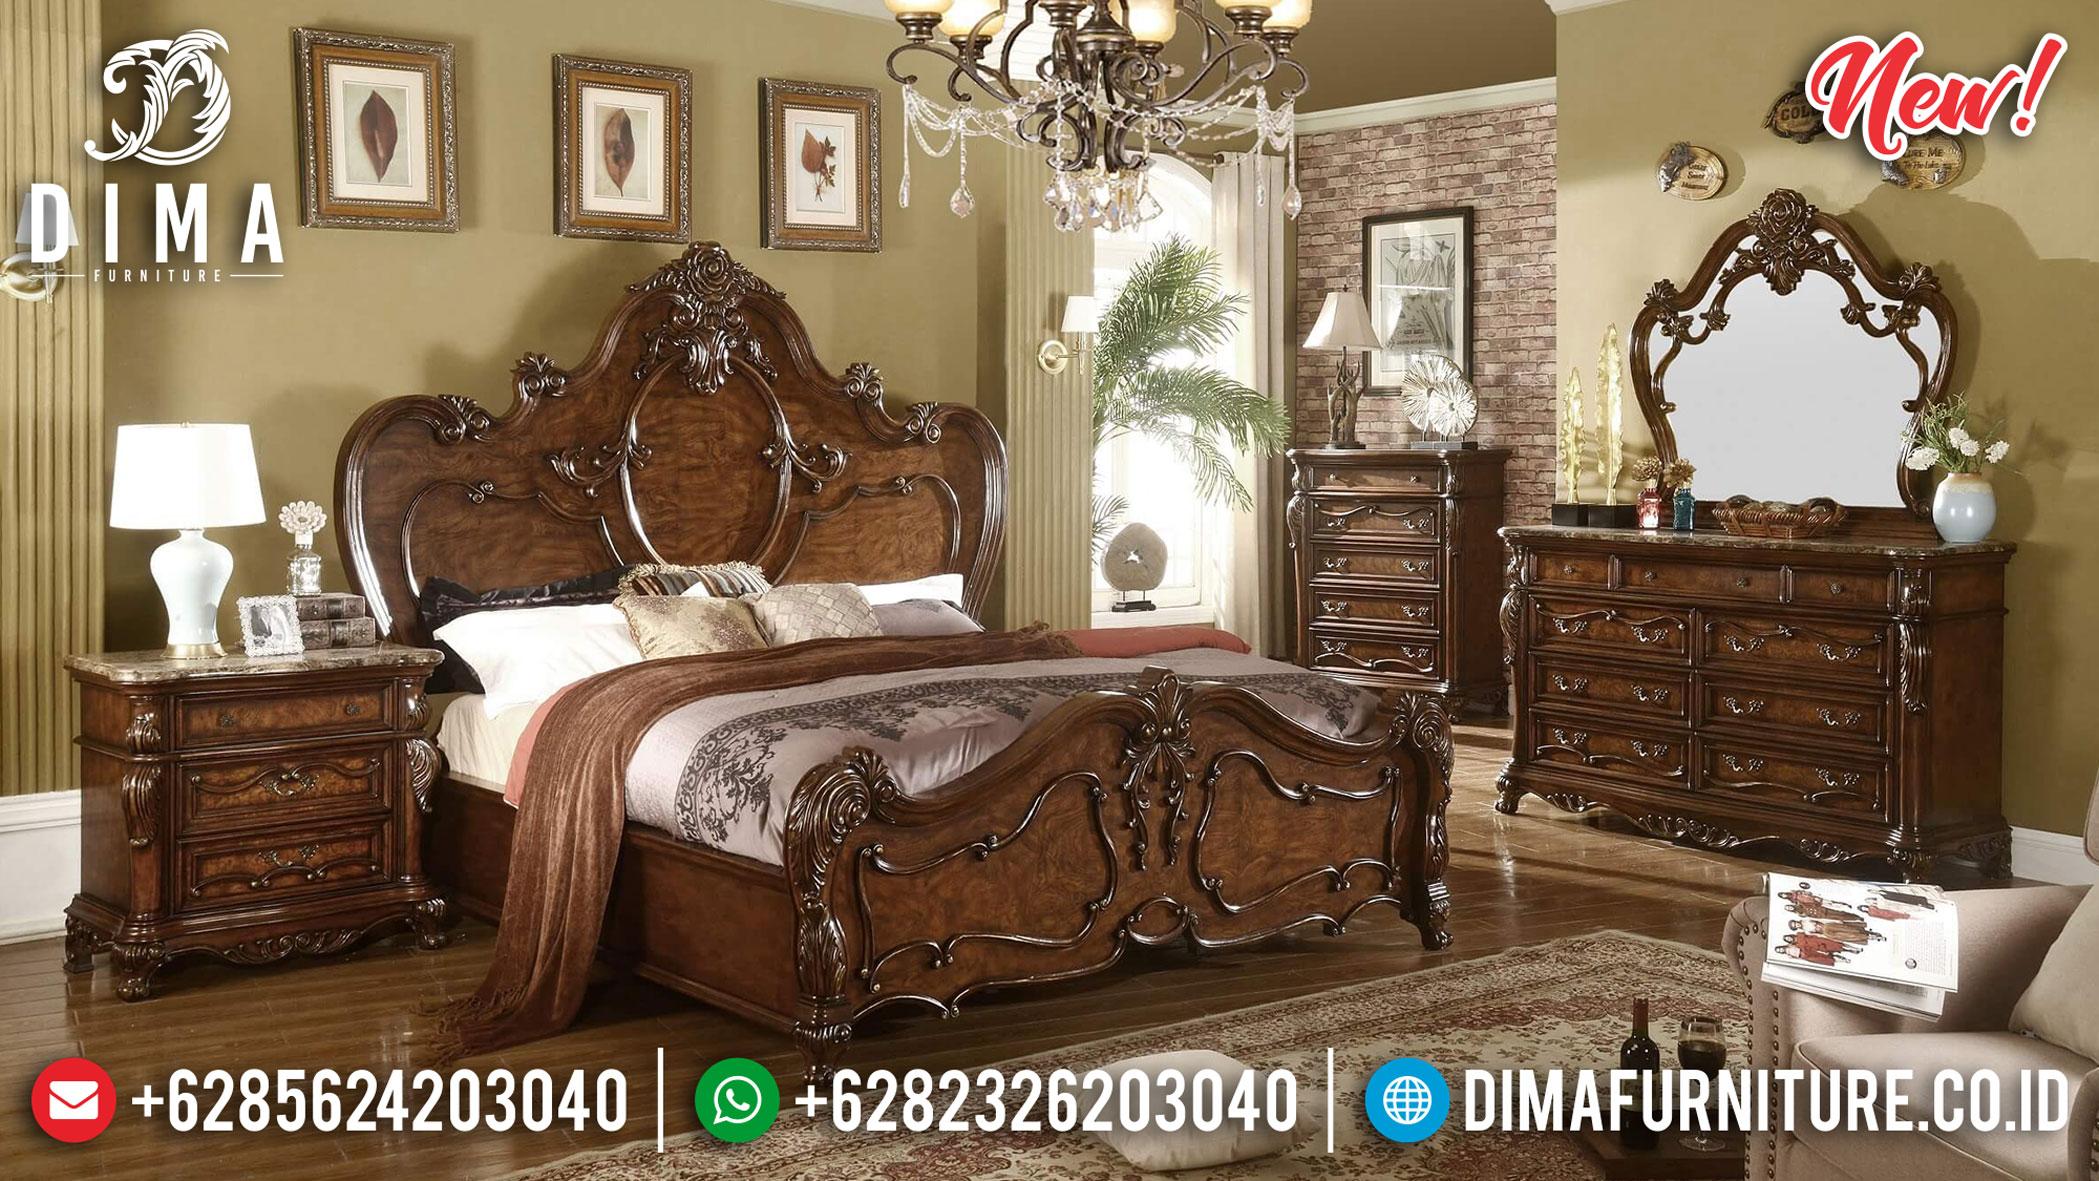 Big Sale Tempat Tidur Jati Mewah Luxury Carving Classic Furniture Jepara TTJ-1014